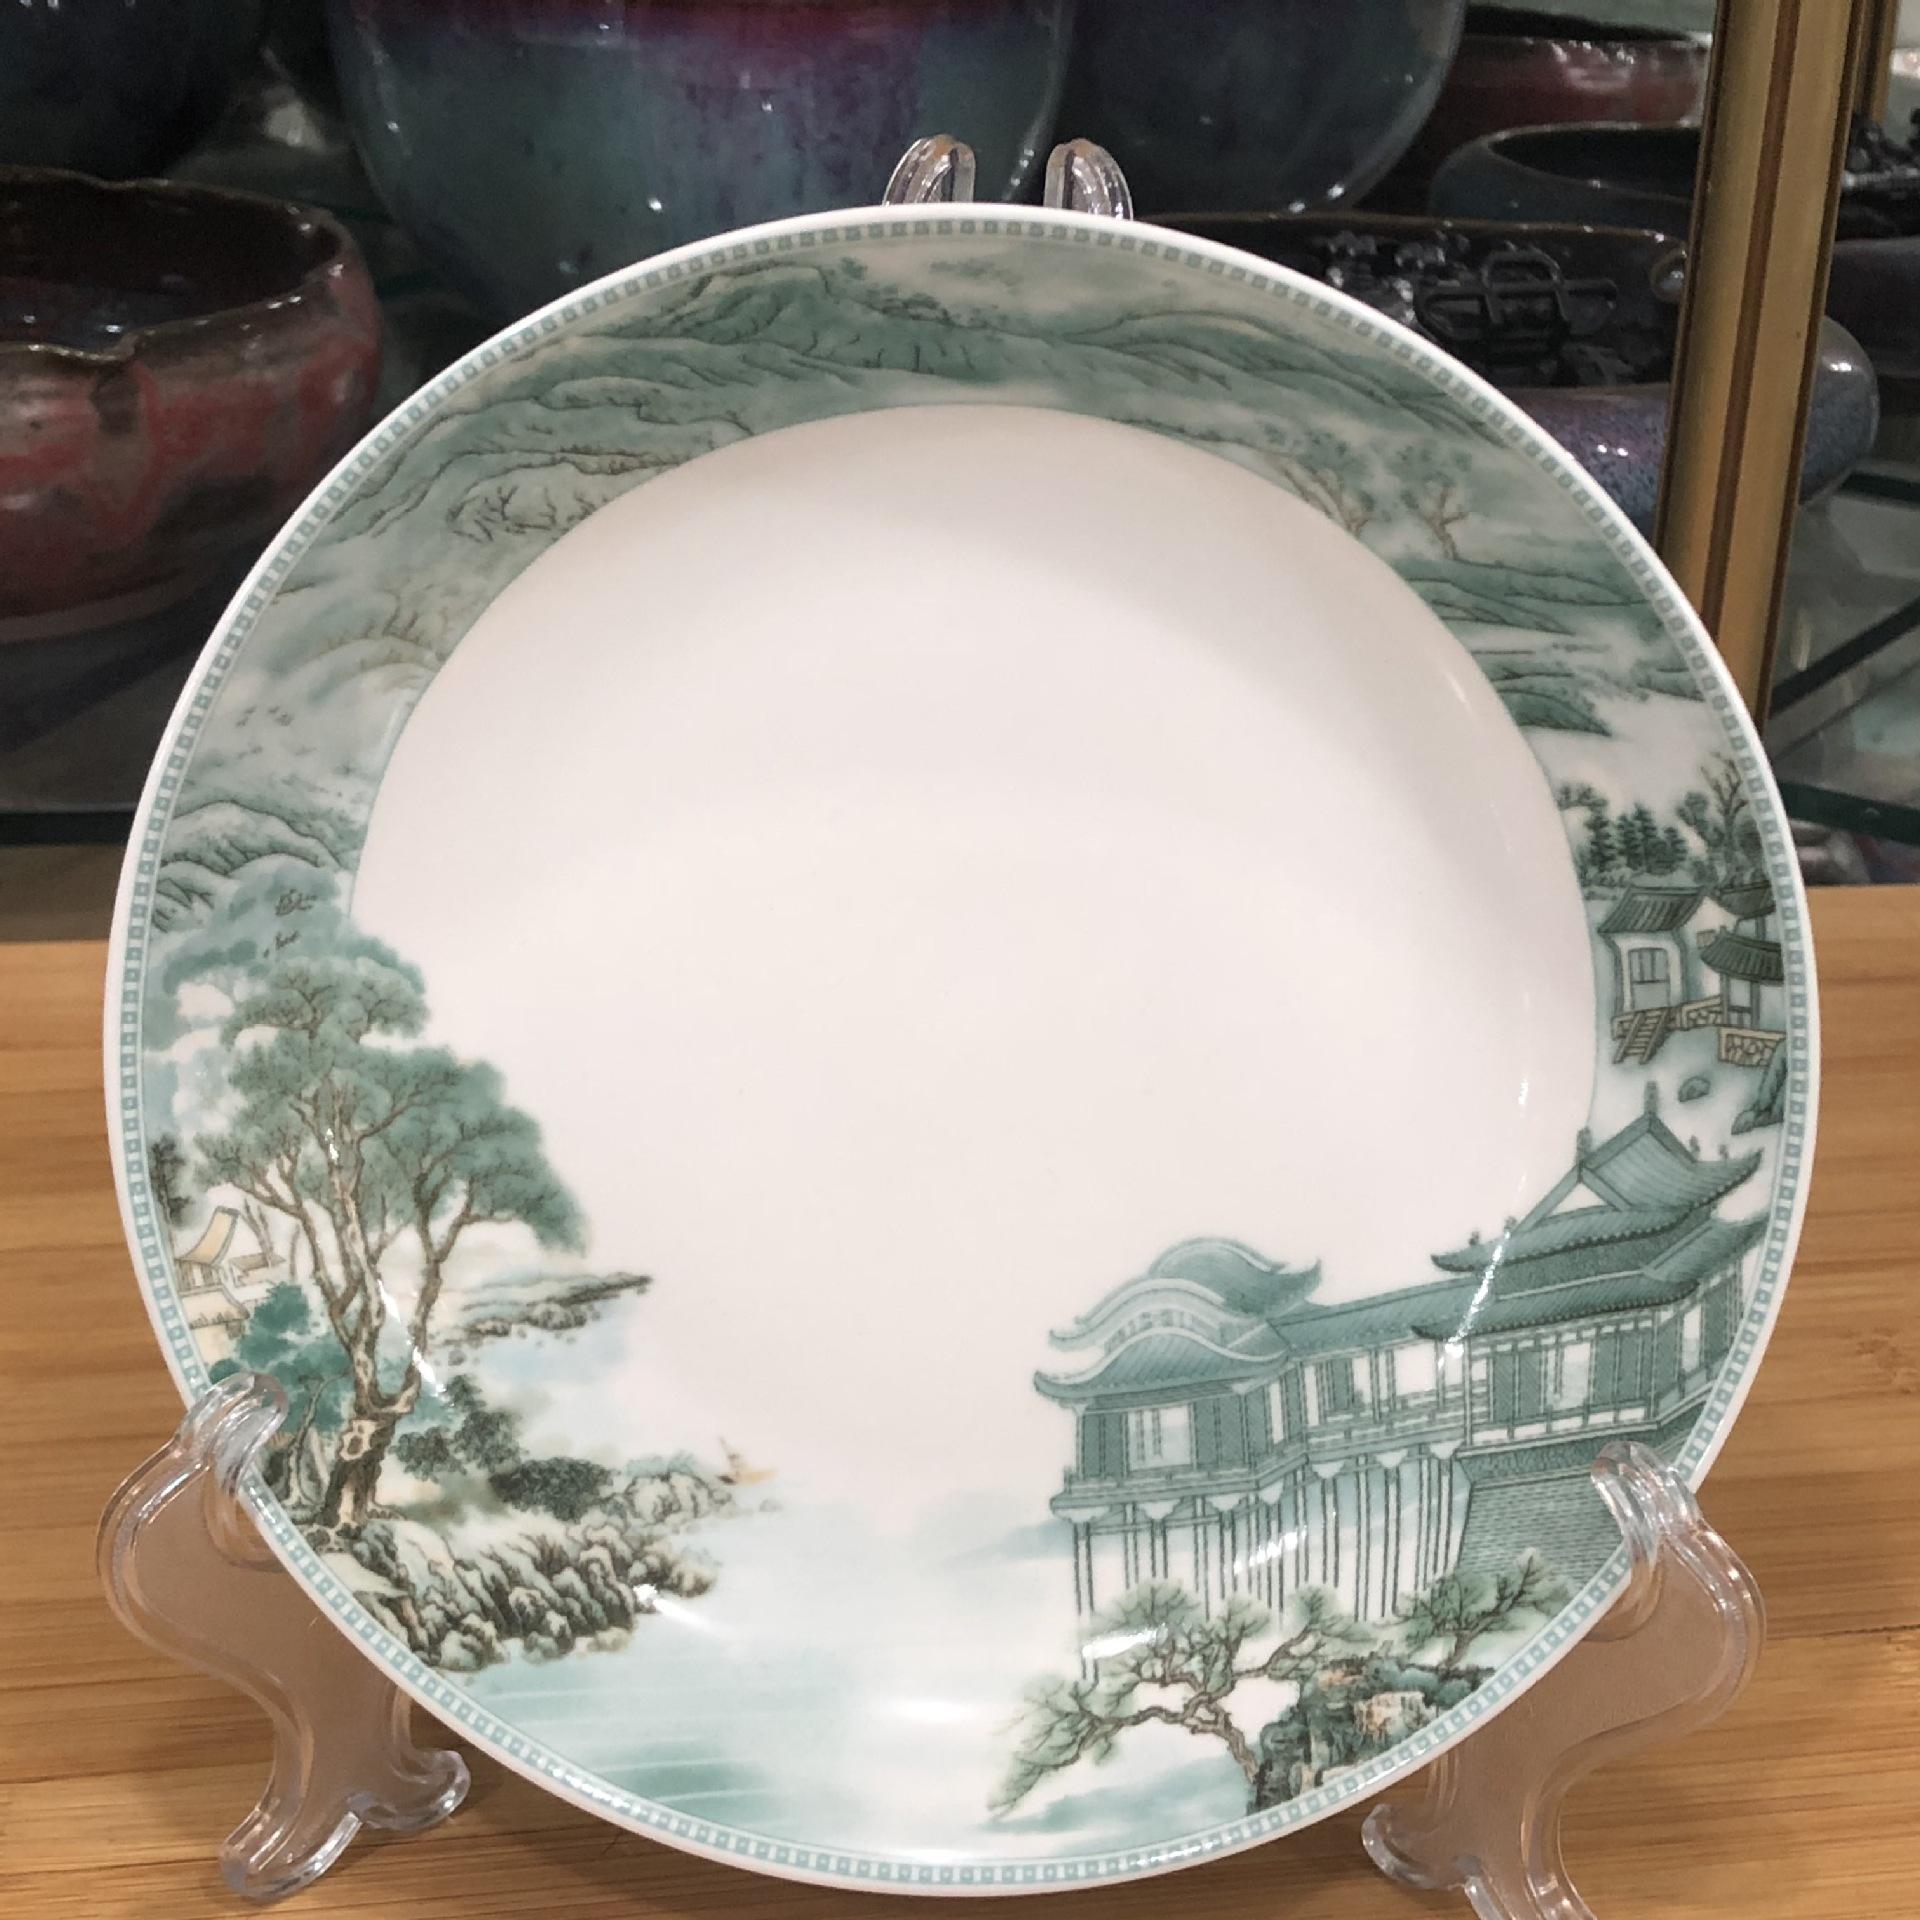 现货供应高温釉中彩陶瓷餐具米饭碗碟果盘汤碗鱼盘微波炉使用